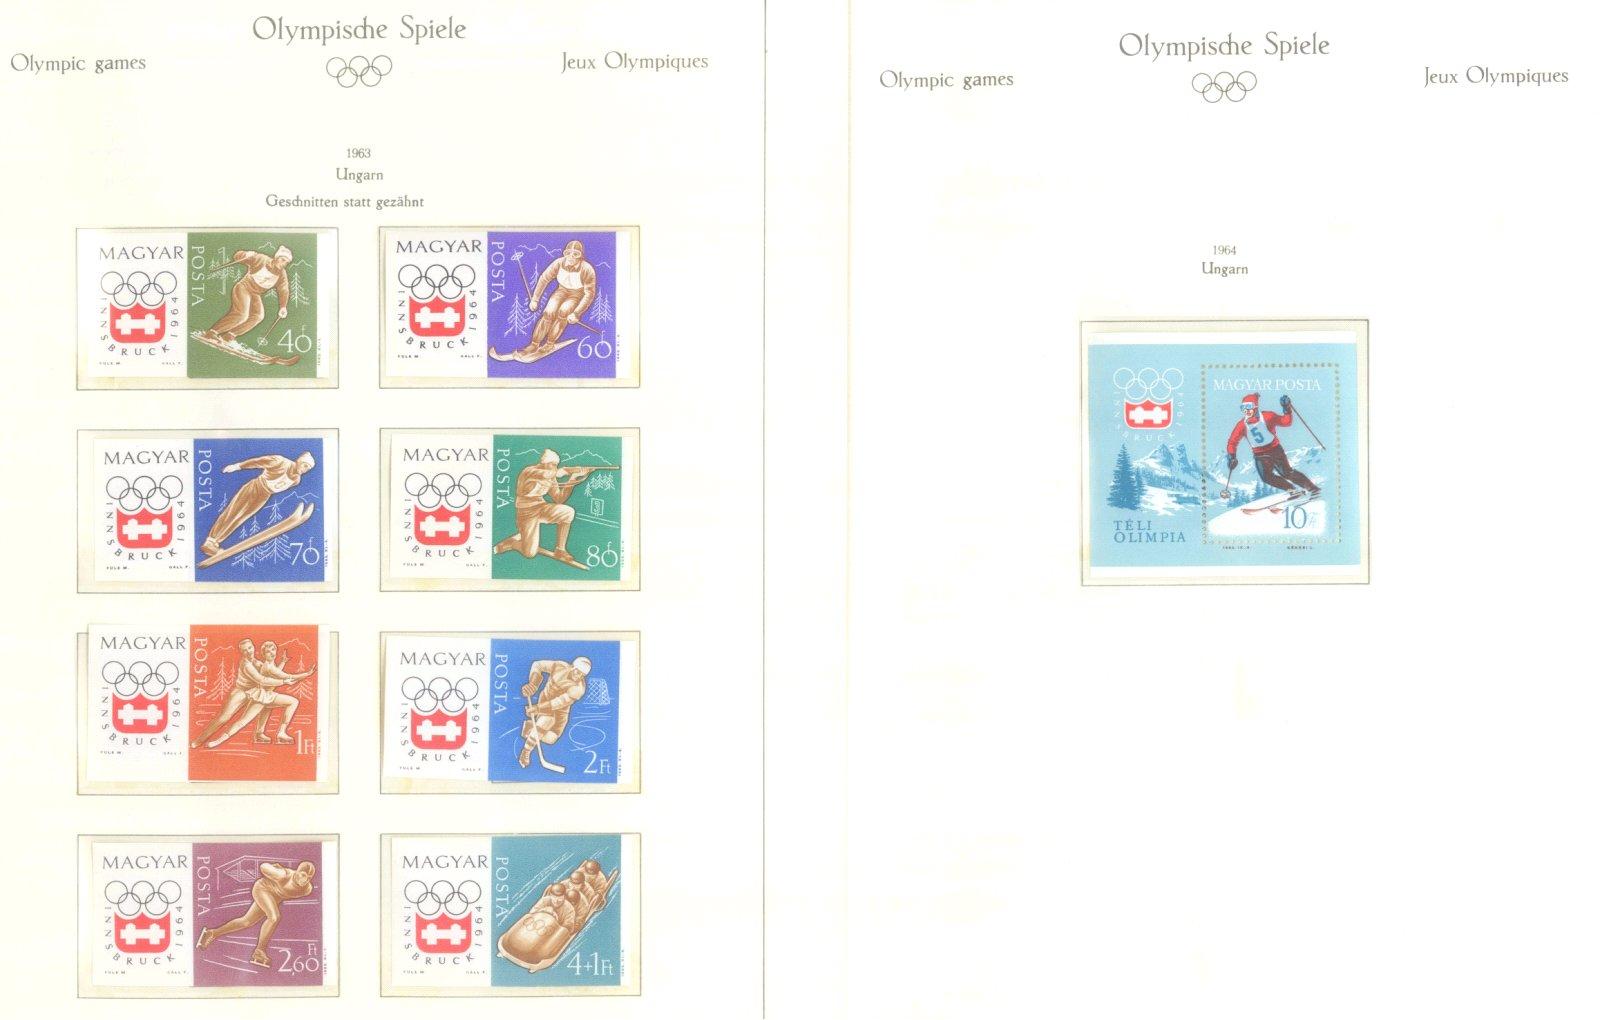 OLYMPISCHE SPIELE 1964 TOKIO, postfrische Sammlung Teil 2-49